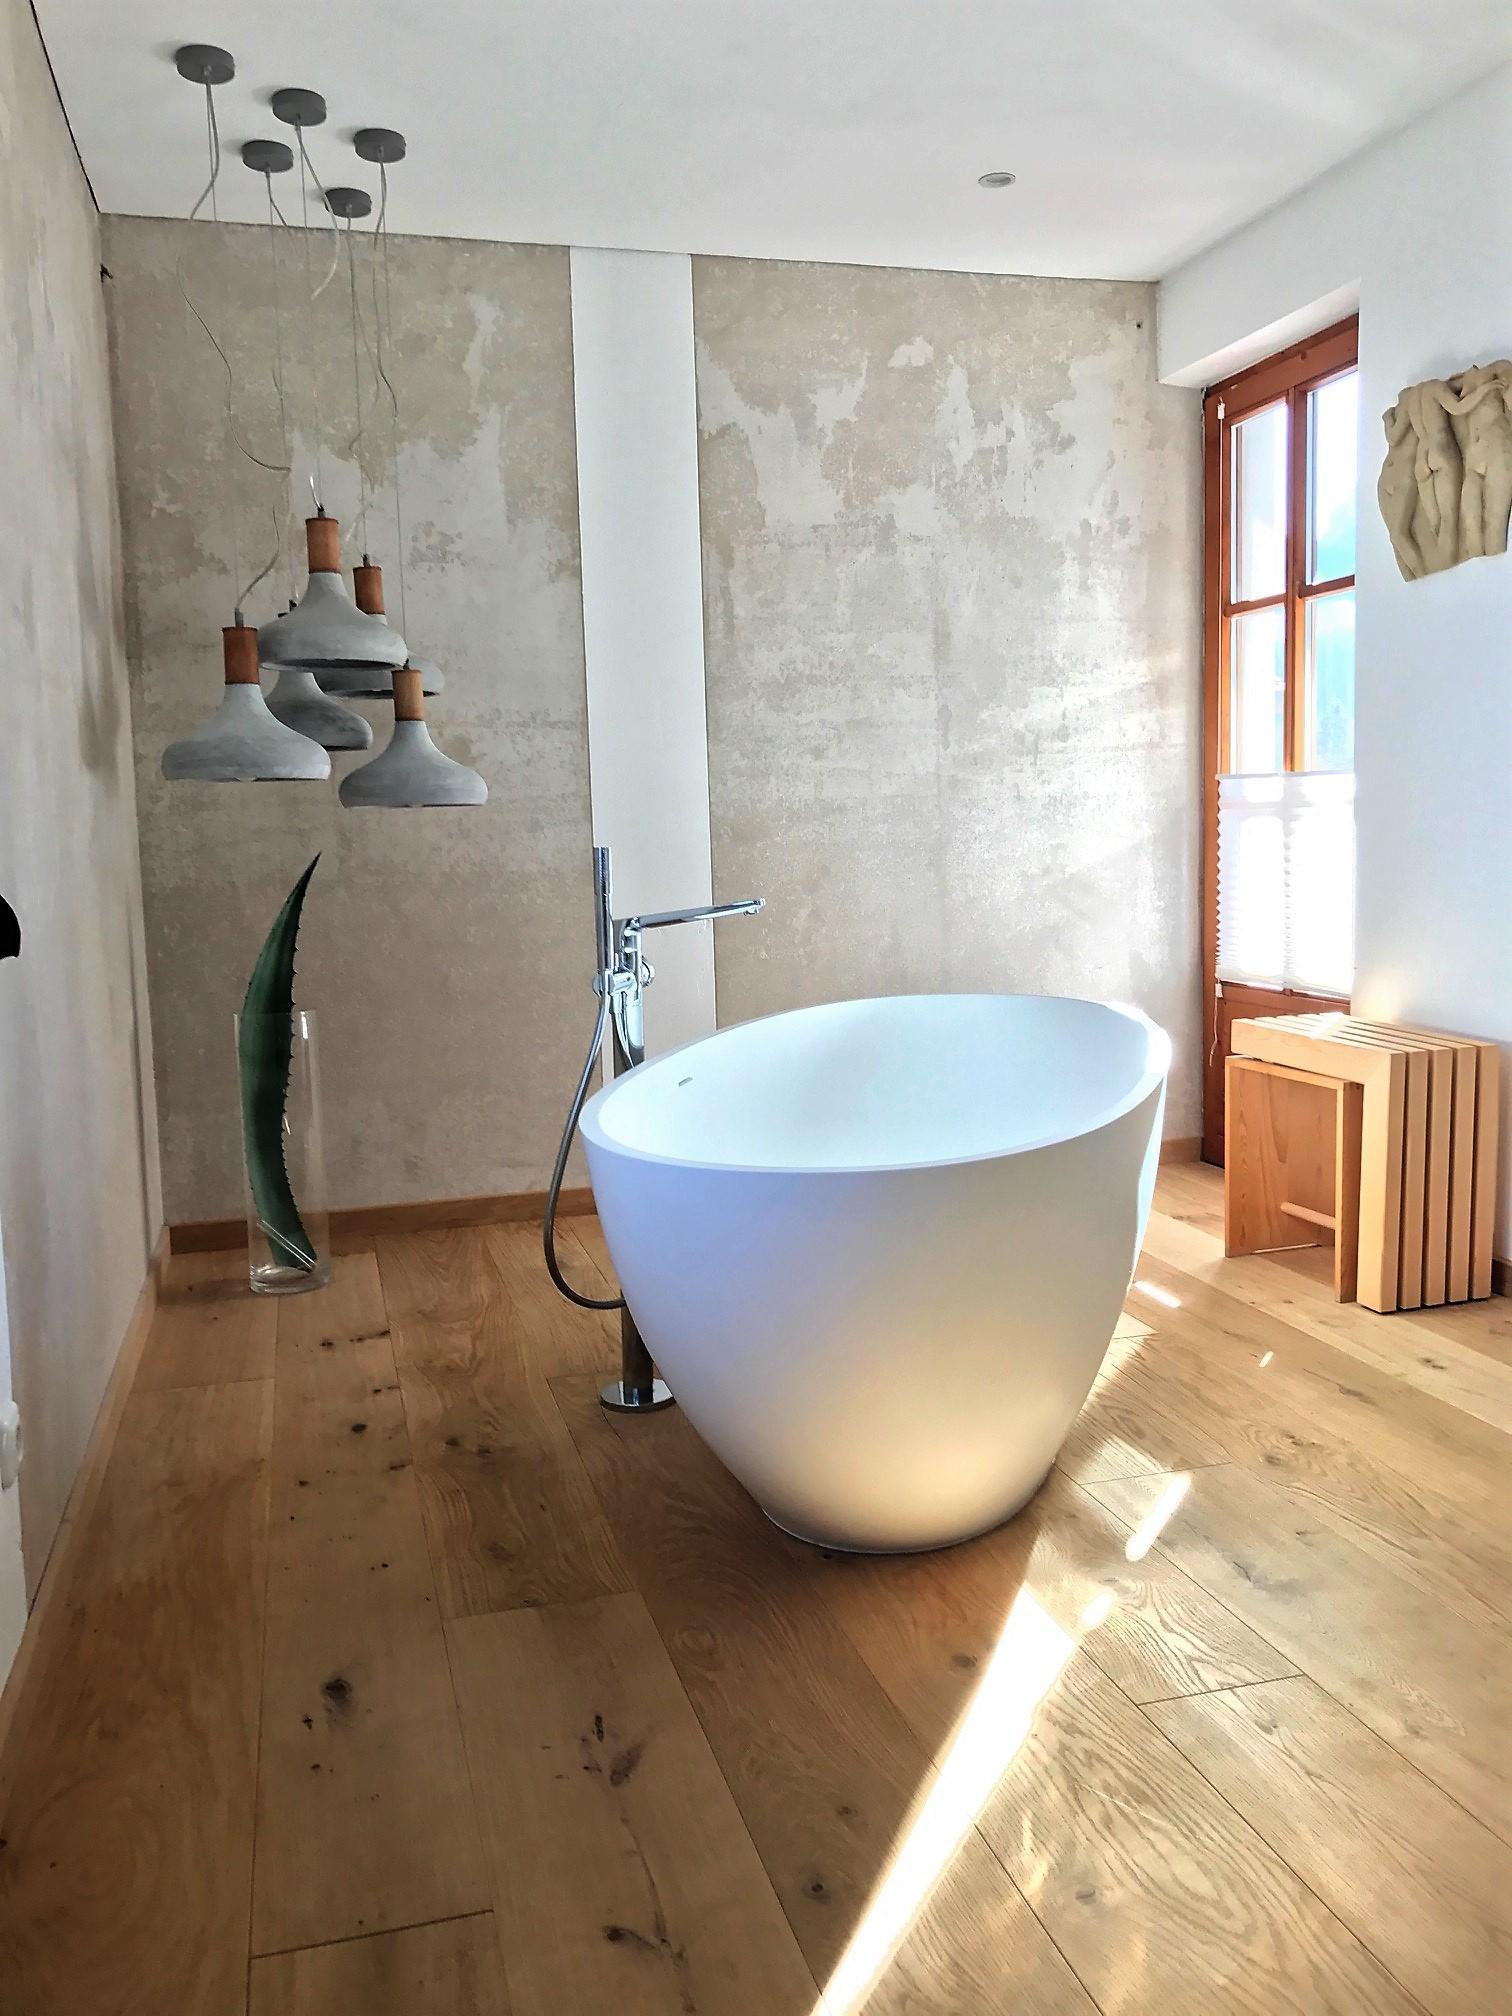 Freistehende Badewanne • Bilder & Ideen • COUCHstyle